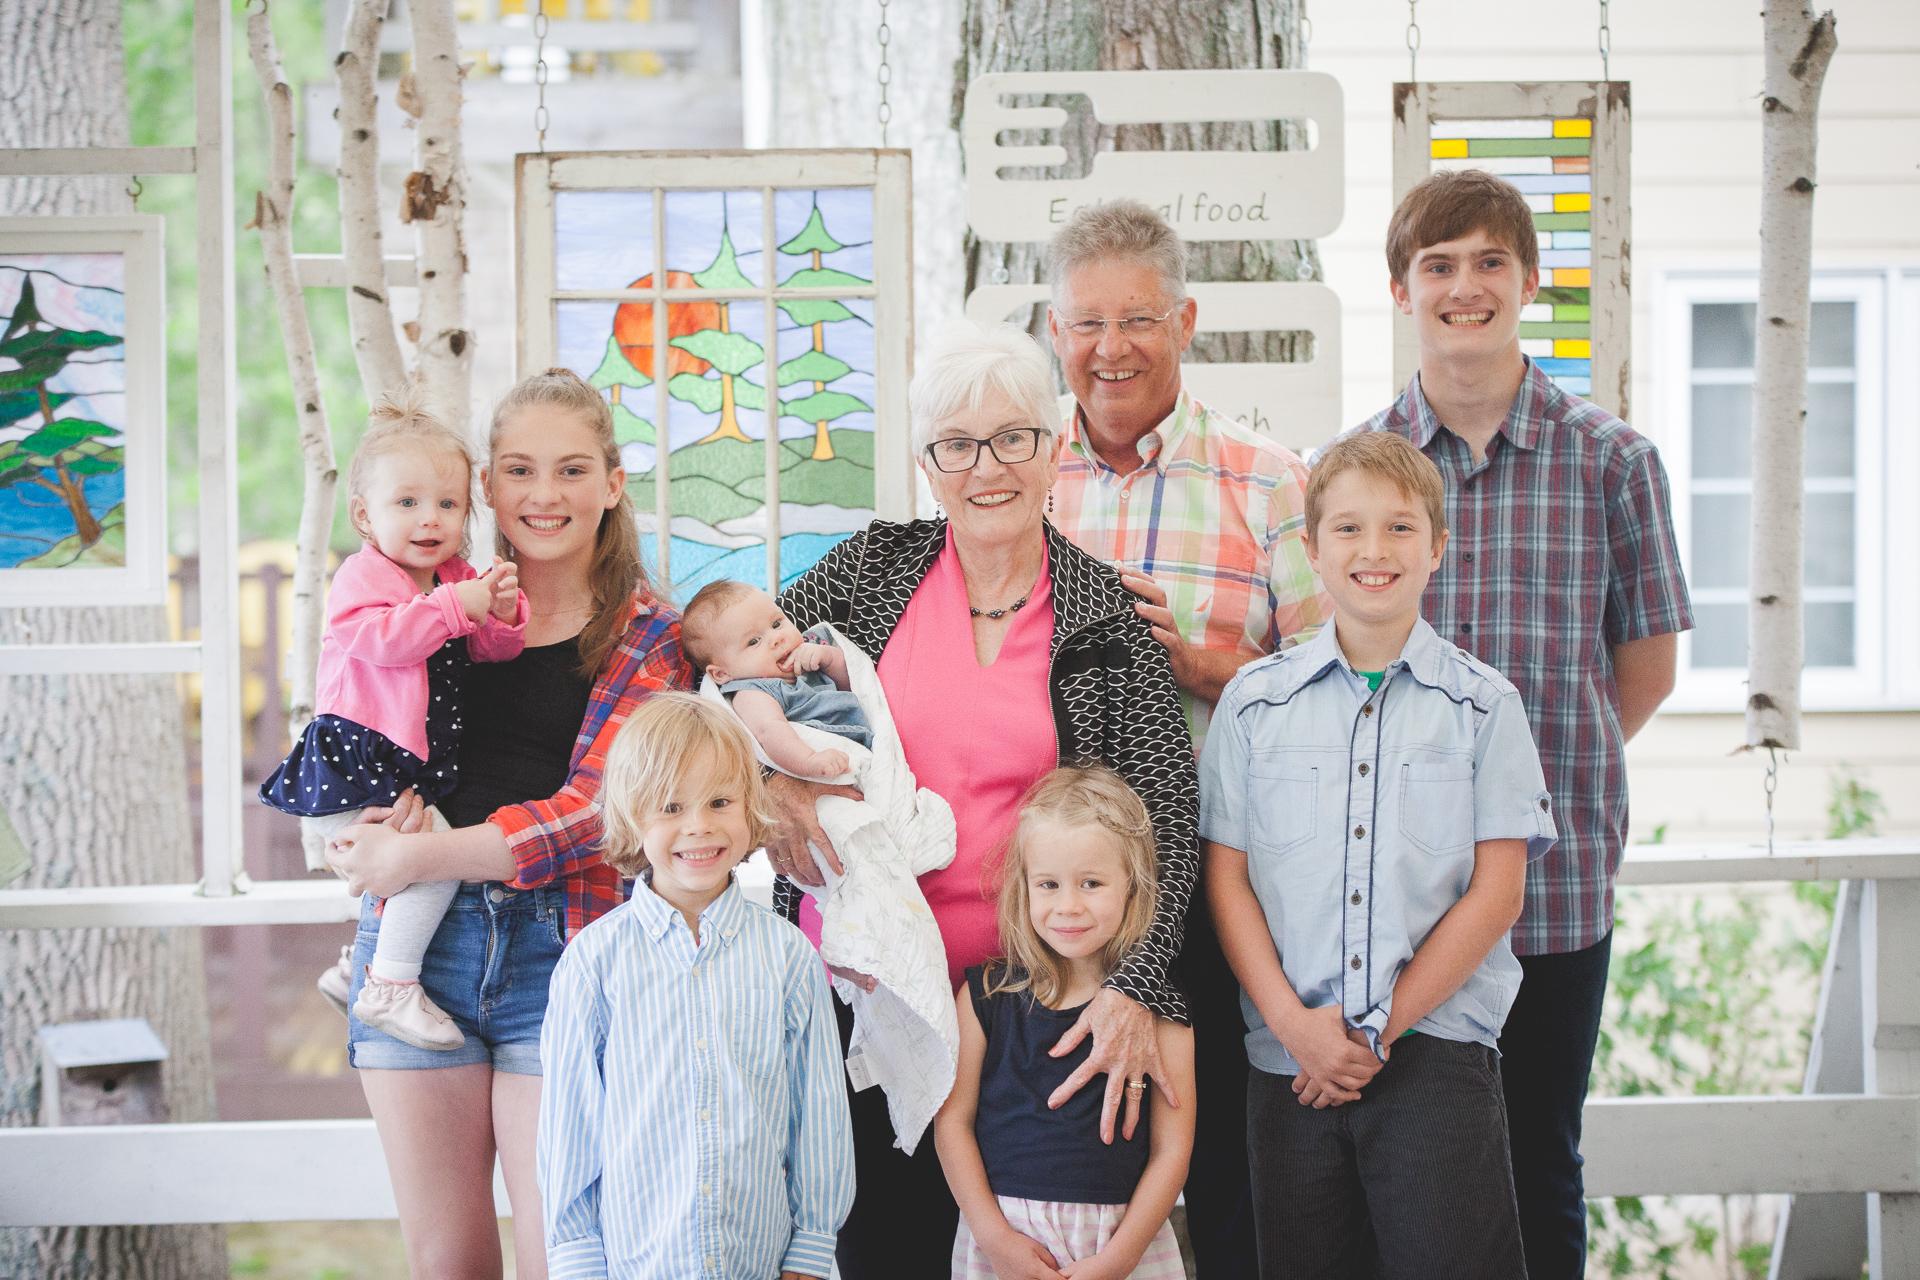 goderich family photos